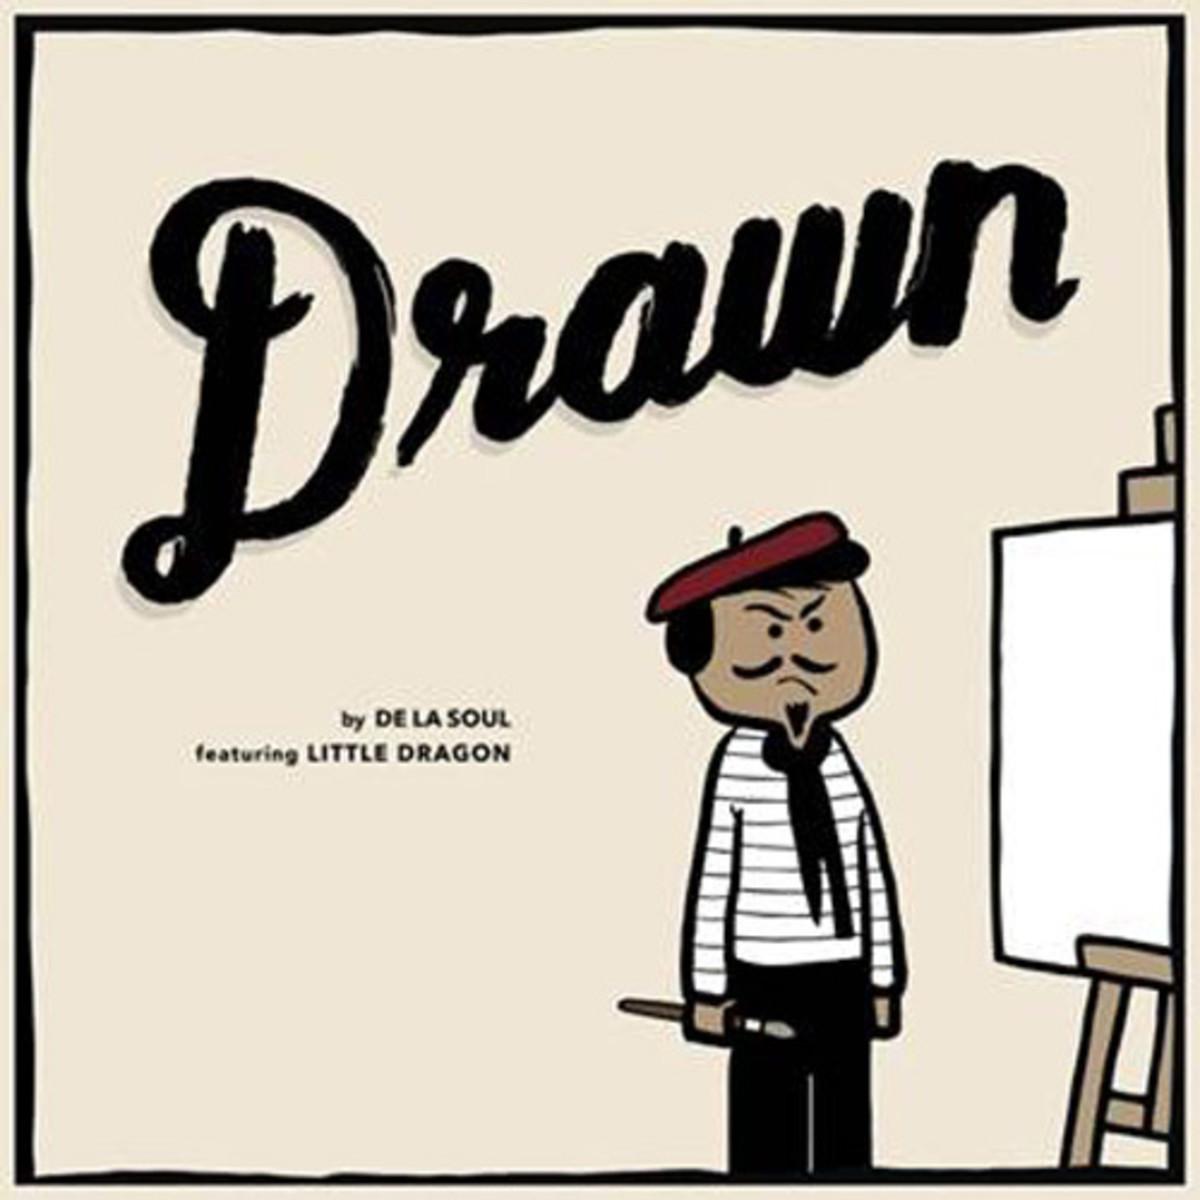 da-la-soul-drawn.jpg